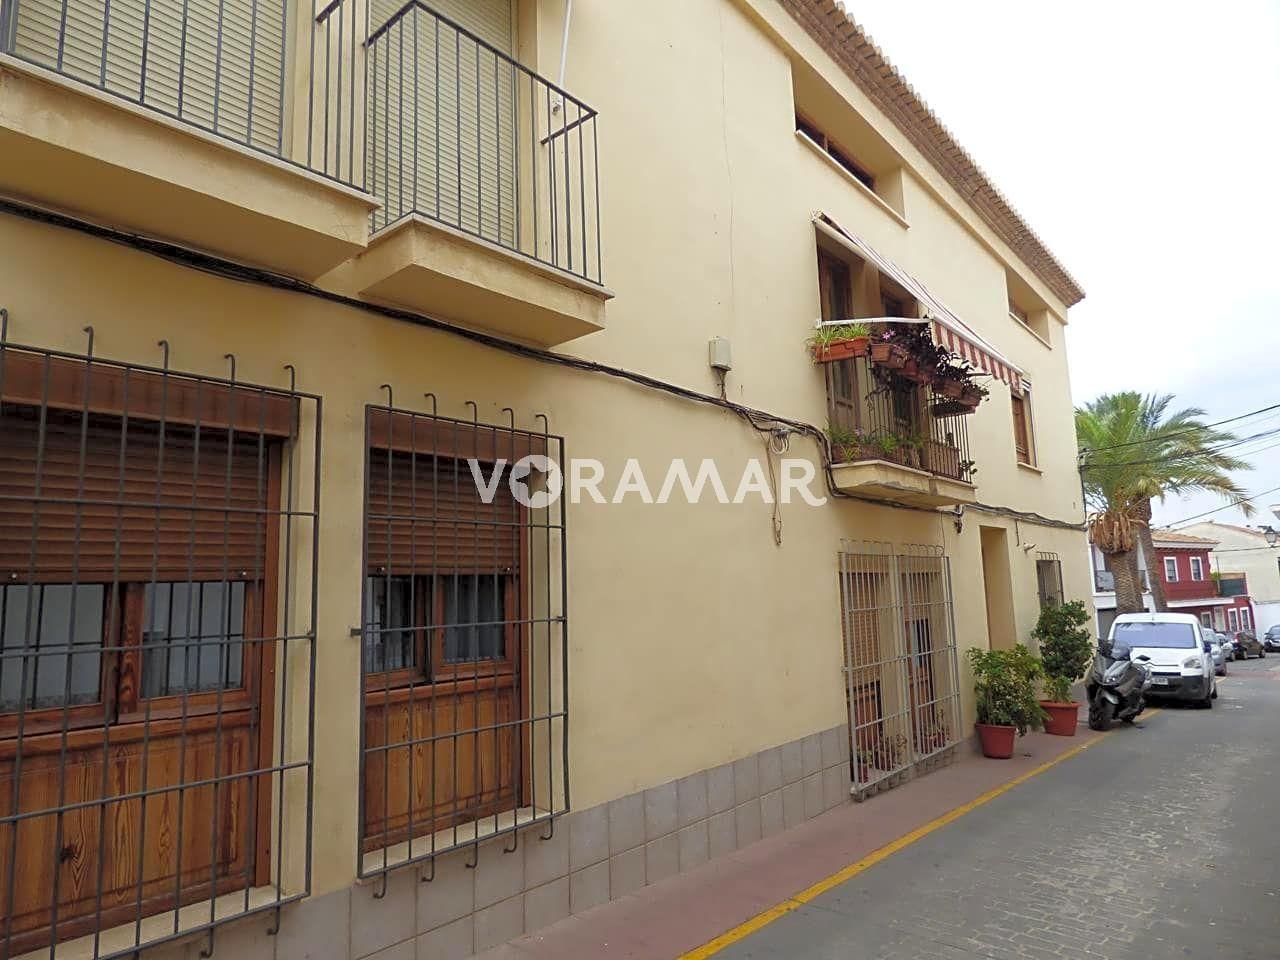 Appartement  Calle miguel servet. Amplia vivienda duplex ático con terraza (18m2 aprox), cuatro ha